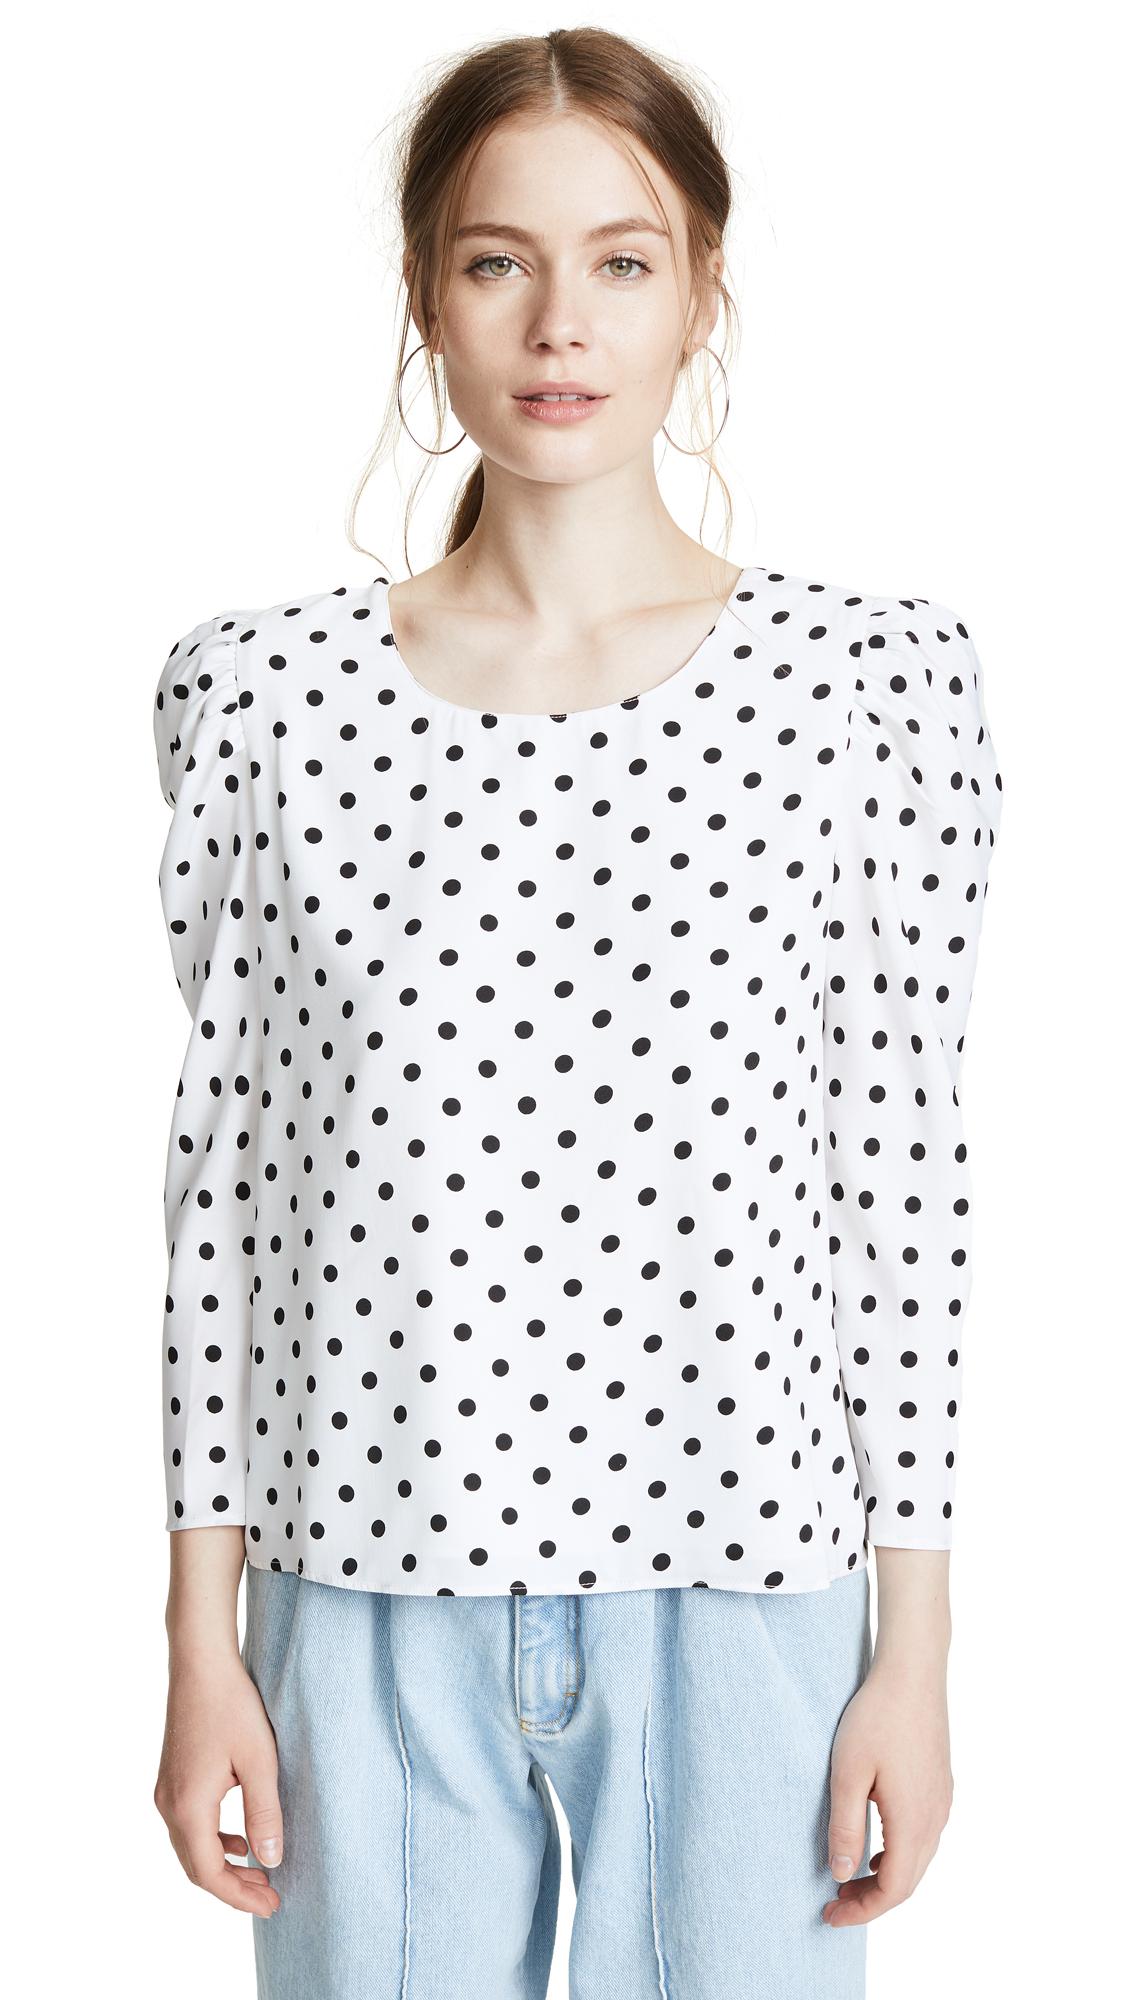 Valencia & Vine Polka Dot Blouse In White/Black Polka Dot